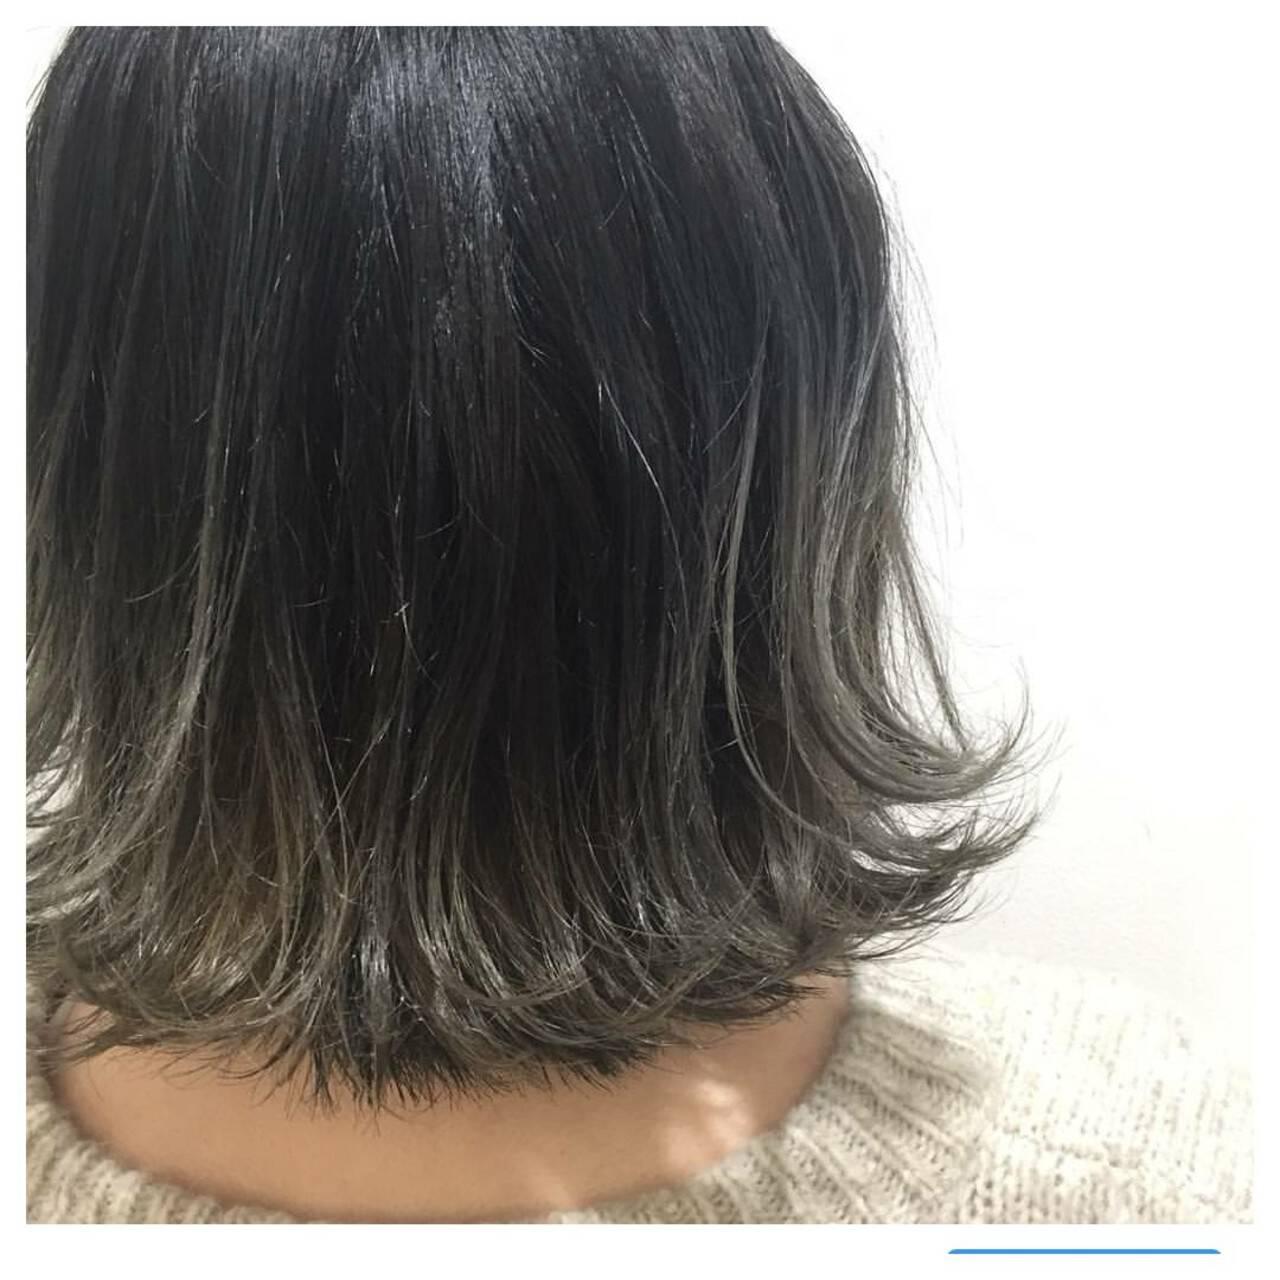 グレージュ ボブ ナチュラル ハイライトヘアスタイルや髪型の写真・画像